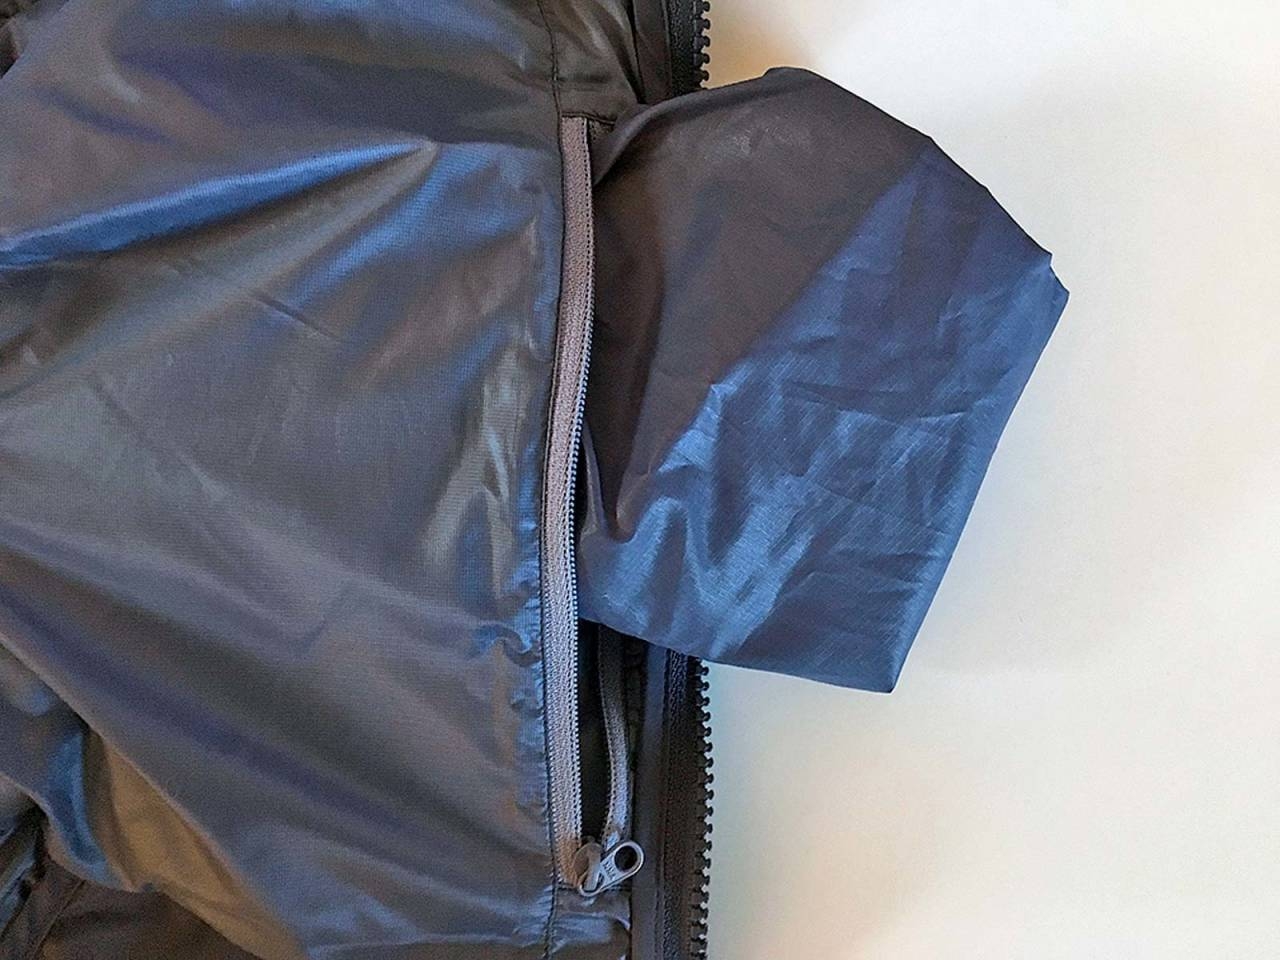 Pakkpose: I innerlomma er det en pose for maksimal kompresjon når jakken skal stues vekk.